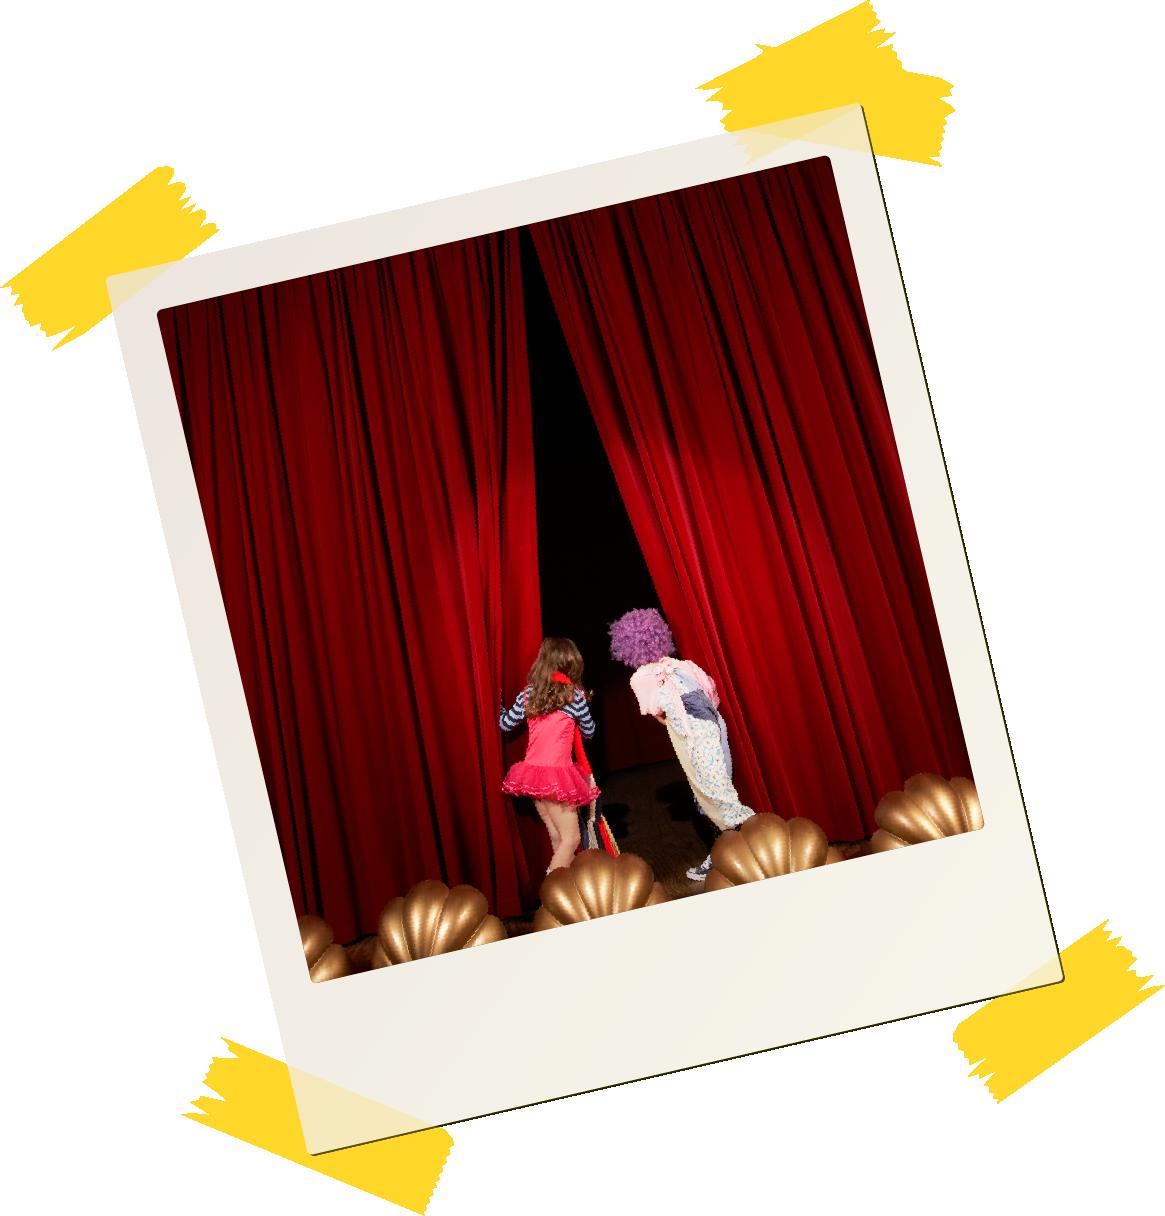 Polaroidbilde to barn om ser inn bak scenen.